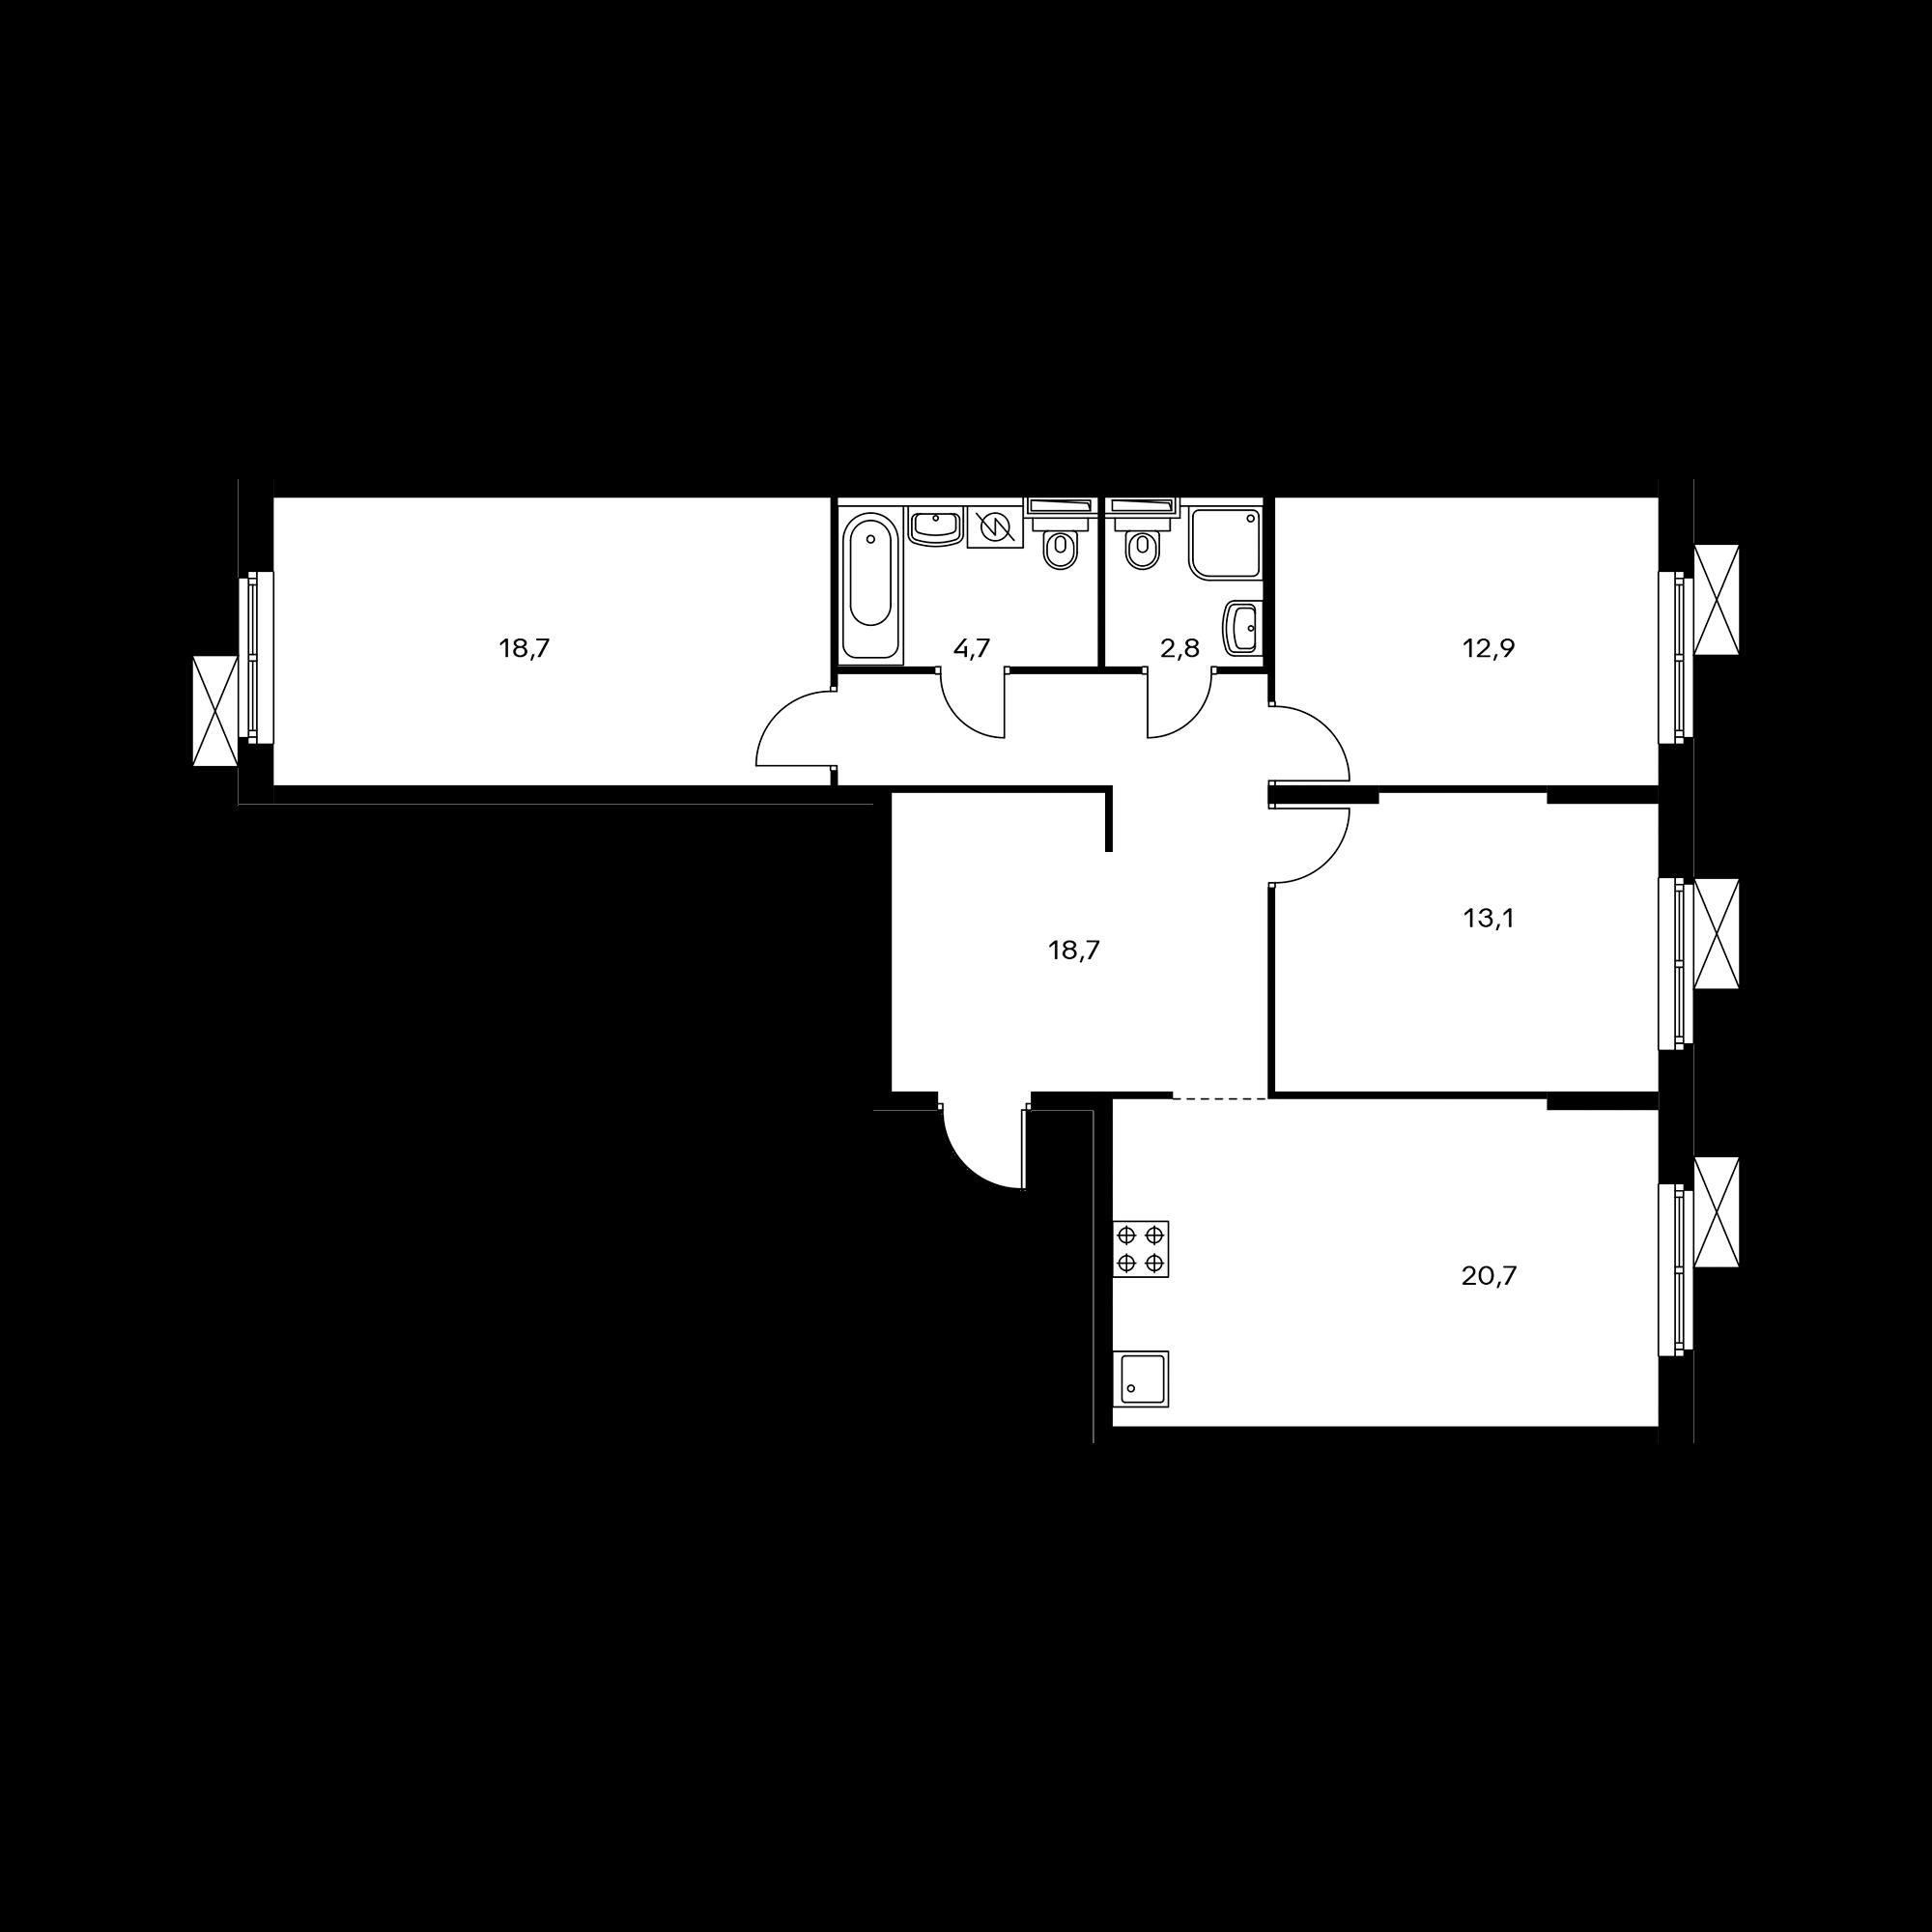 3EL3_10.2-1_A